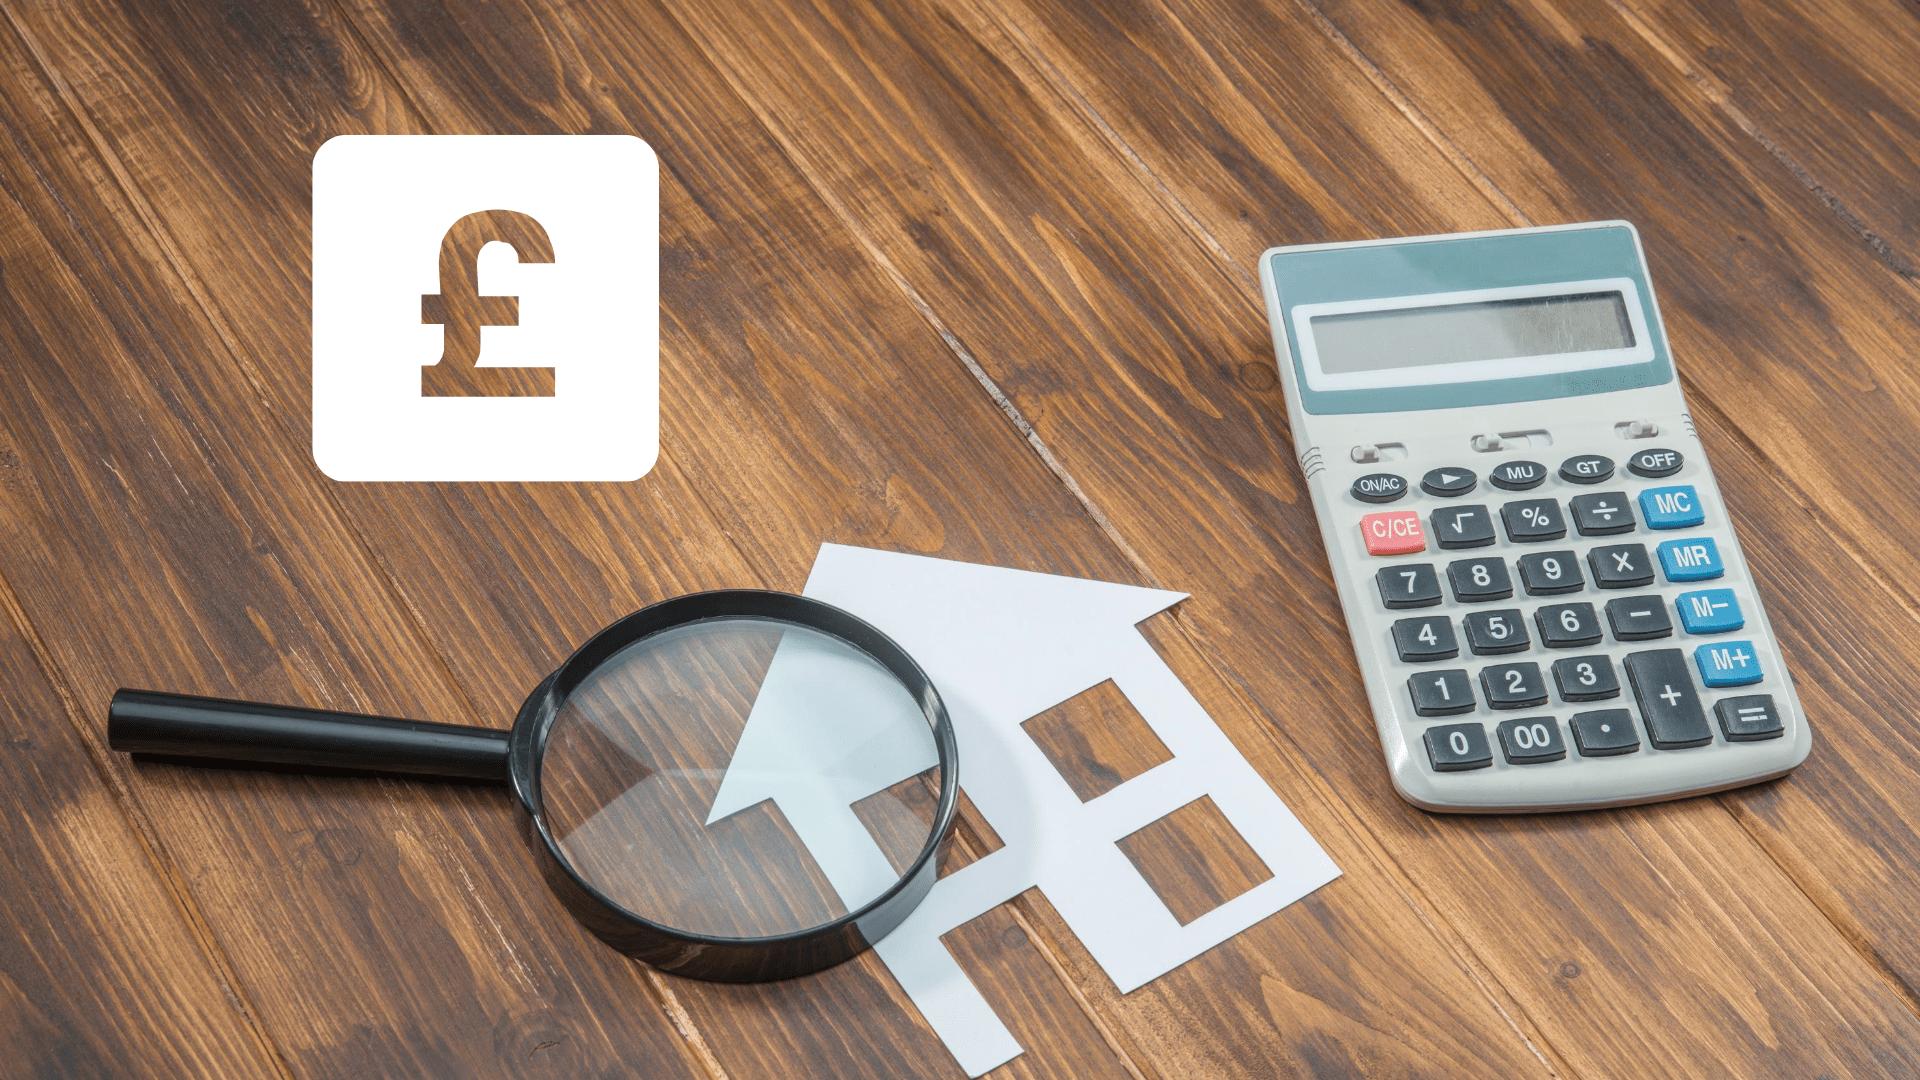 Czy kredyt frankowy przedawnia się? – Dlaczego frankowicze nie powinni zwlekać ze złożeniem pozwu?